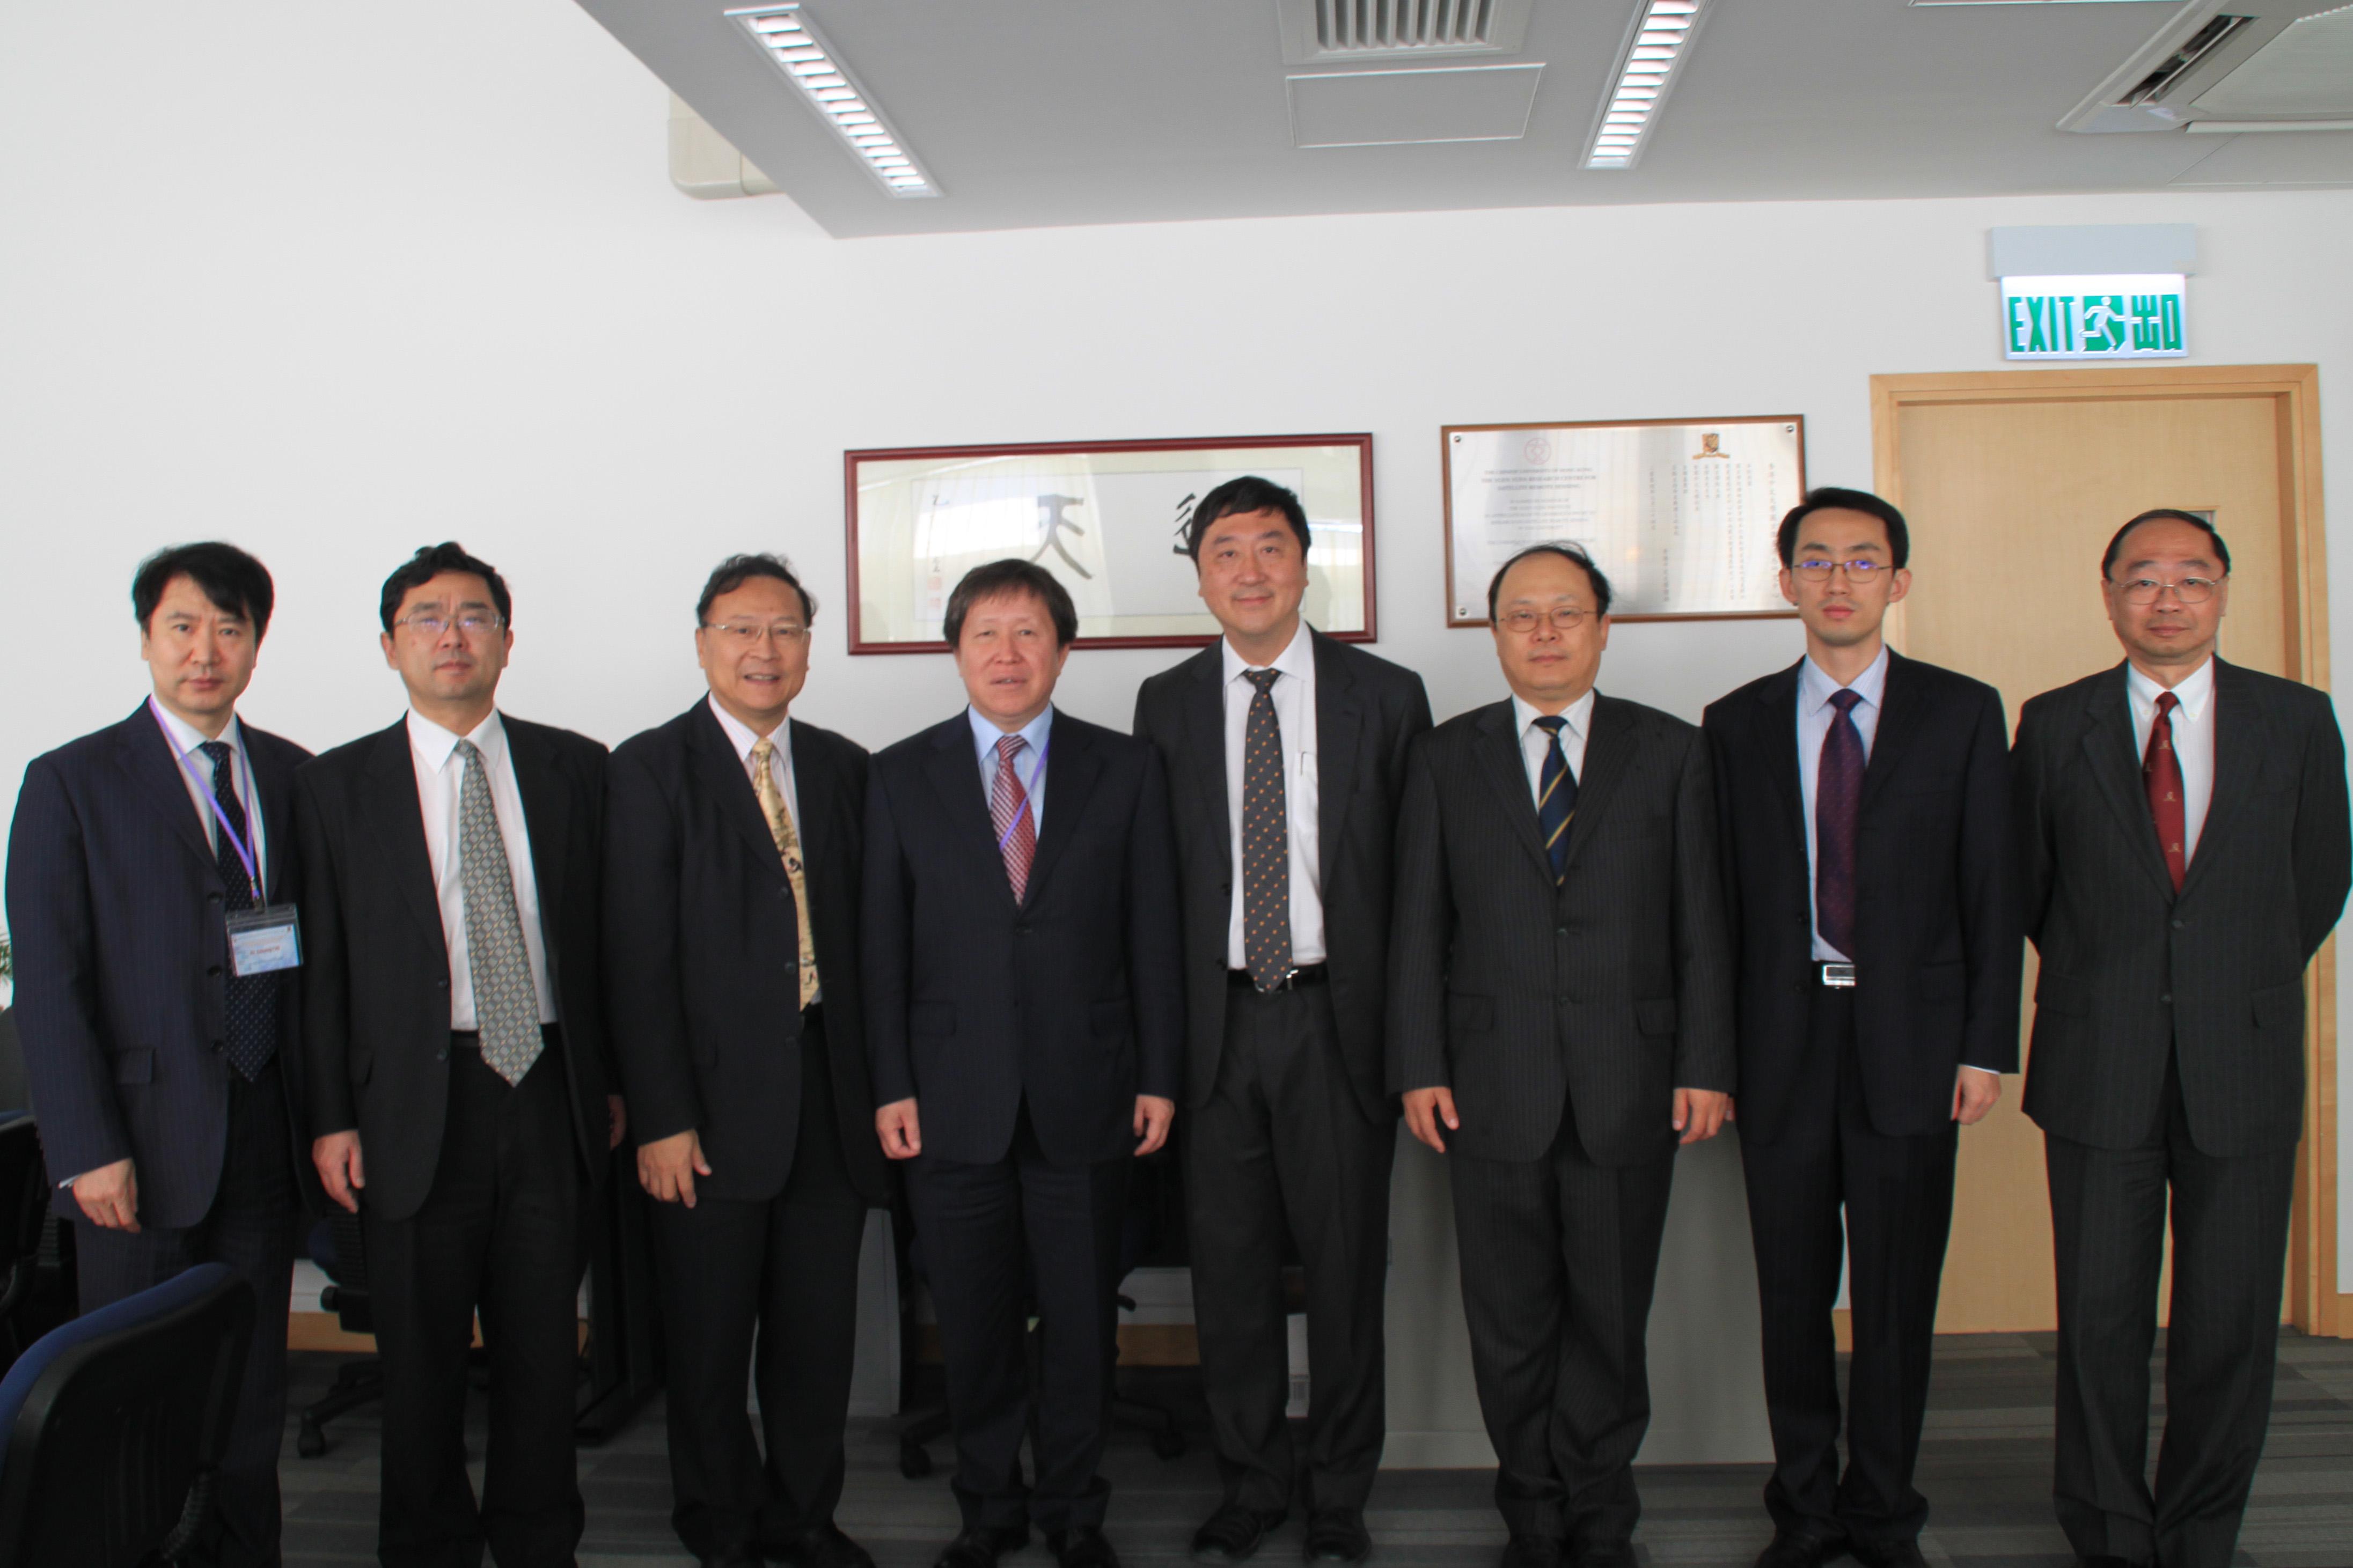 中國國家科技部代表團訪問中大衛星地面接收站 (左起:曹國英副部長、葉東柏副司長、林琿教授、曹健林副部長、沈祖堯校長、廖小罕副司長、孟徽先生,以及黃乃正副校長)